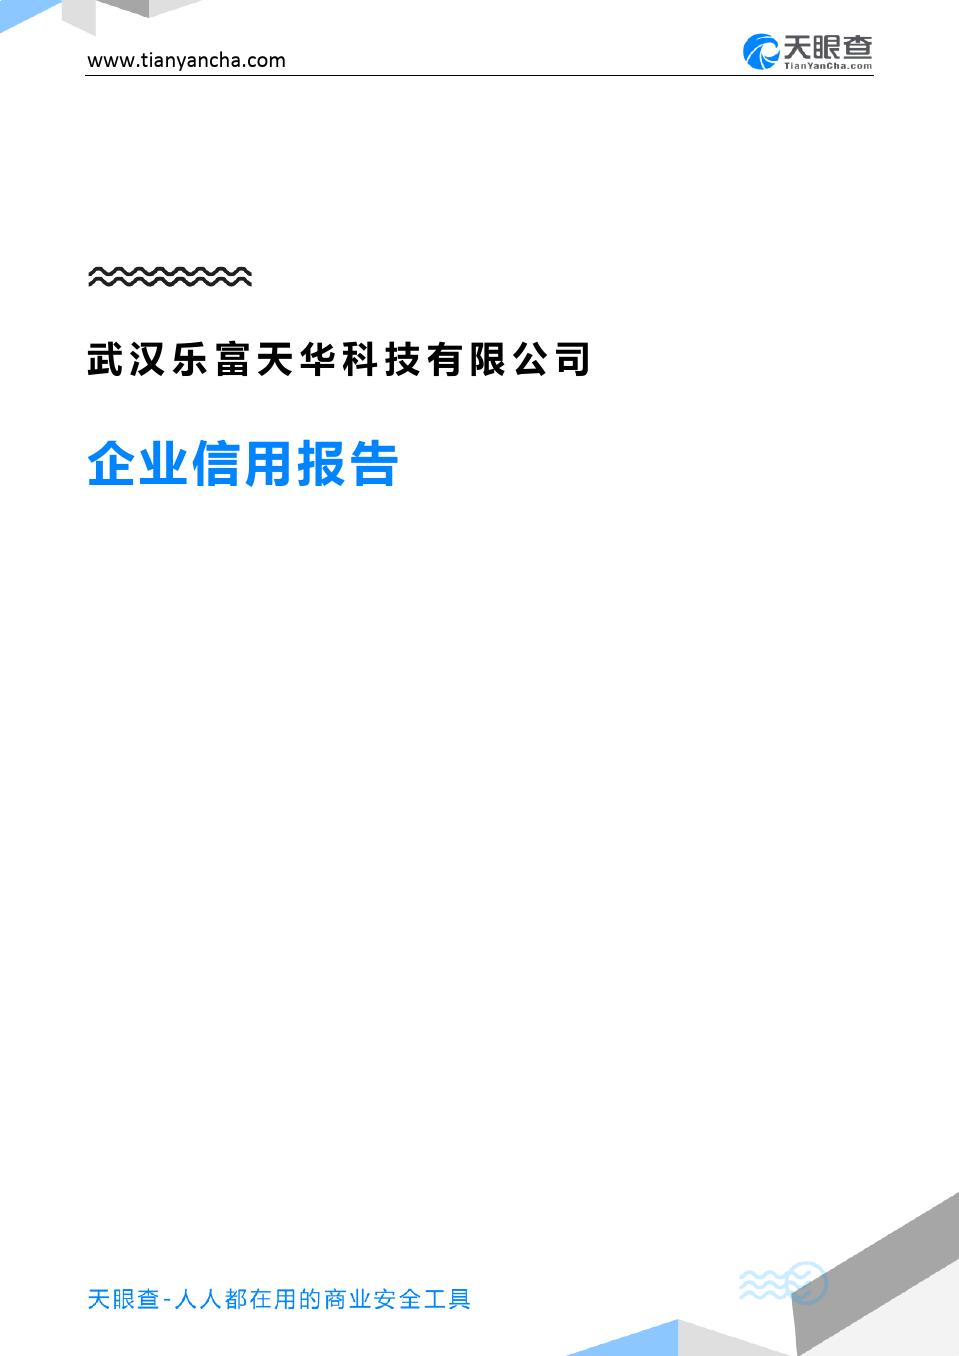 武汉乐富天华科技有限公司(企业信用报告)- 天眼查